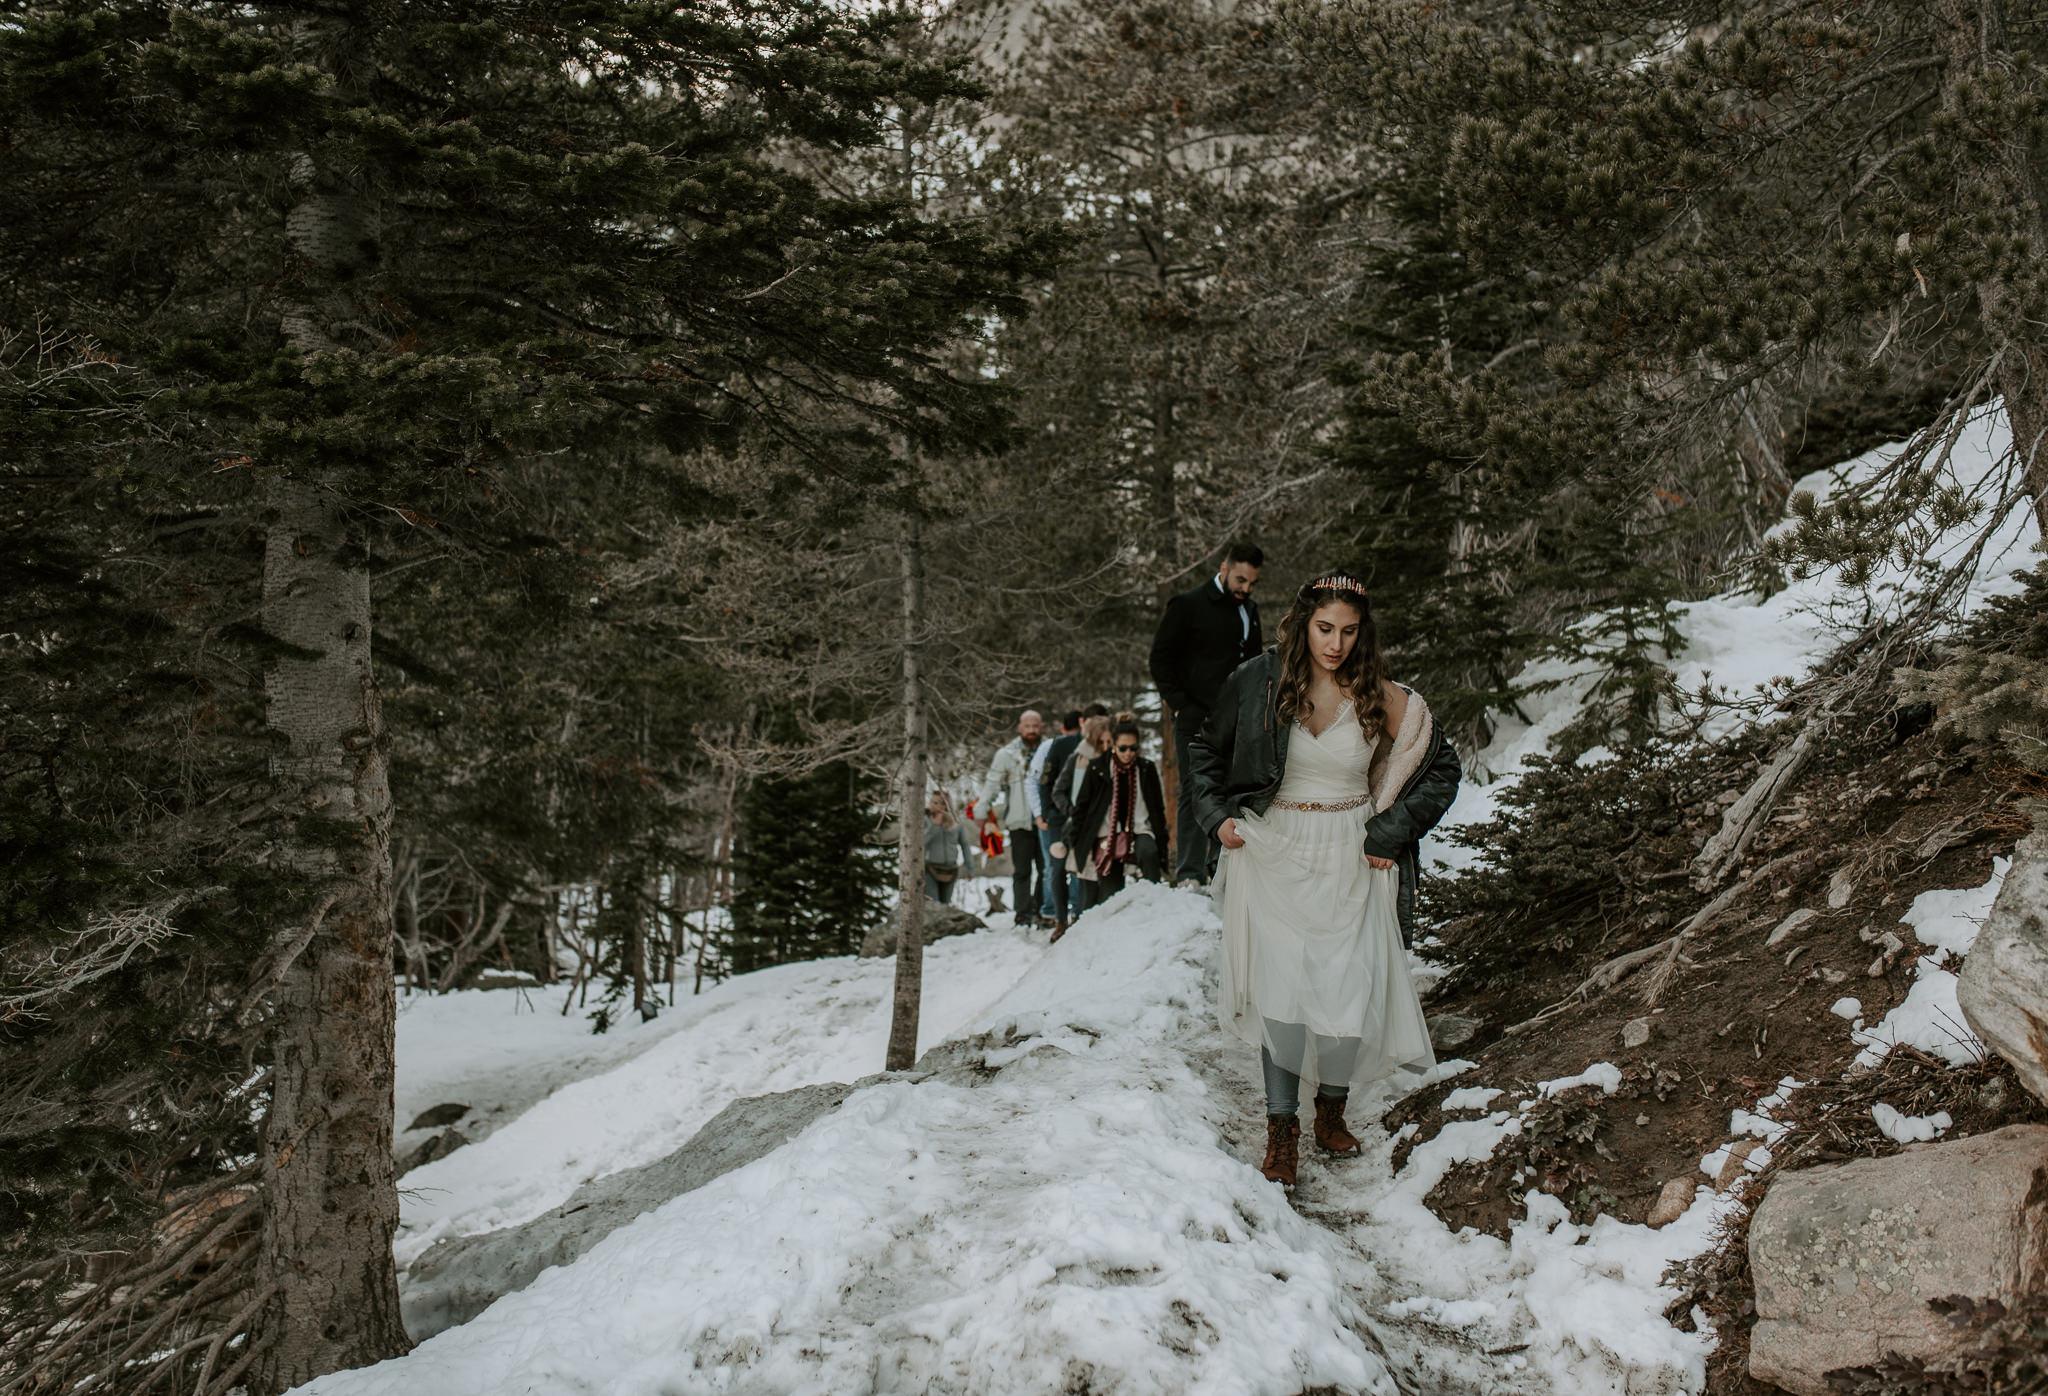 Hiking adventure wedding in Colorado